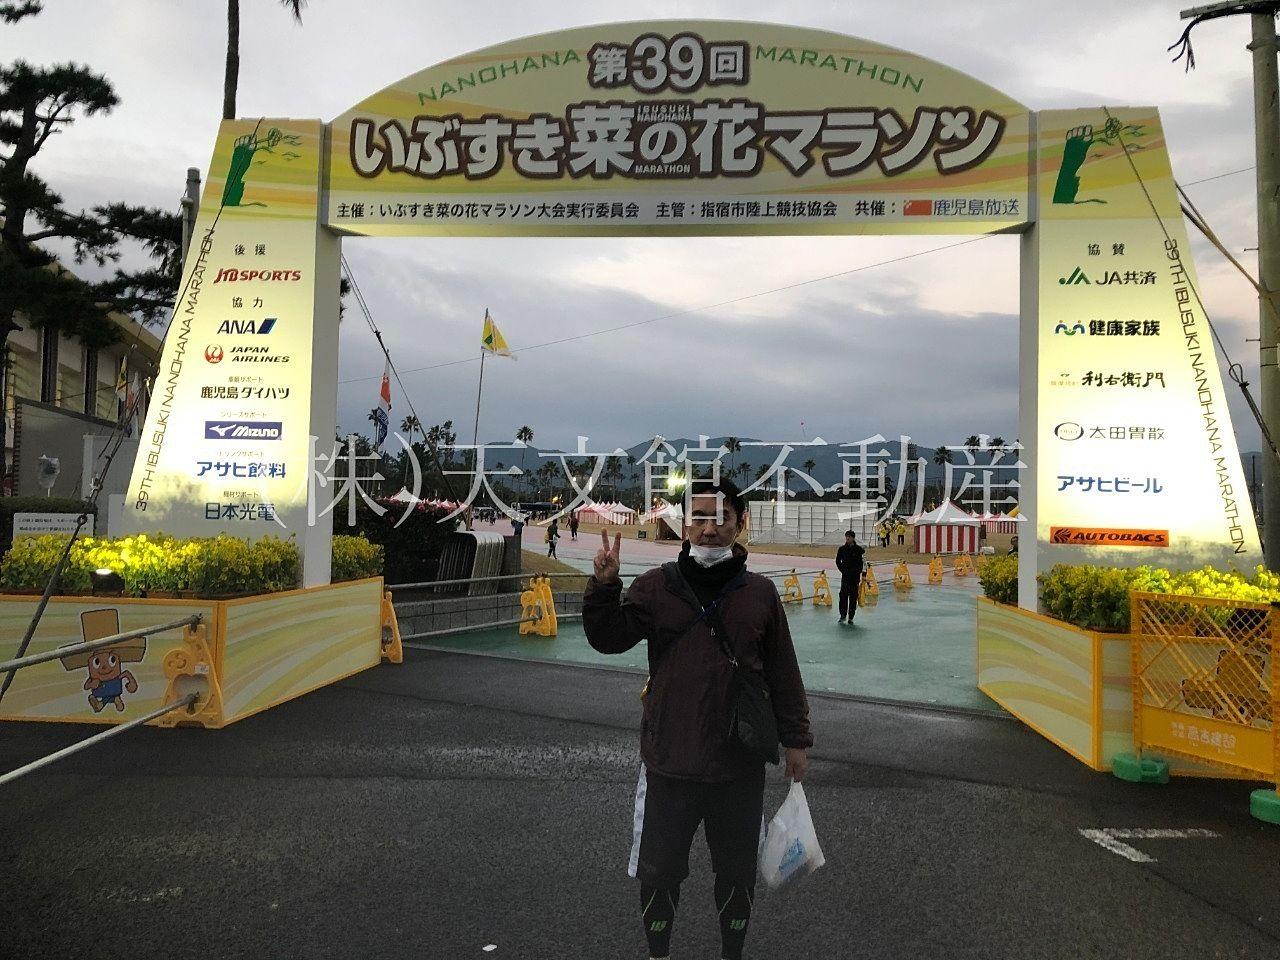 第39回いぶすき菜の花マラソンに参加してきました。受付を済ませて記念写真を撮りました。